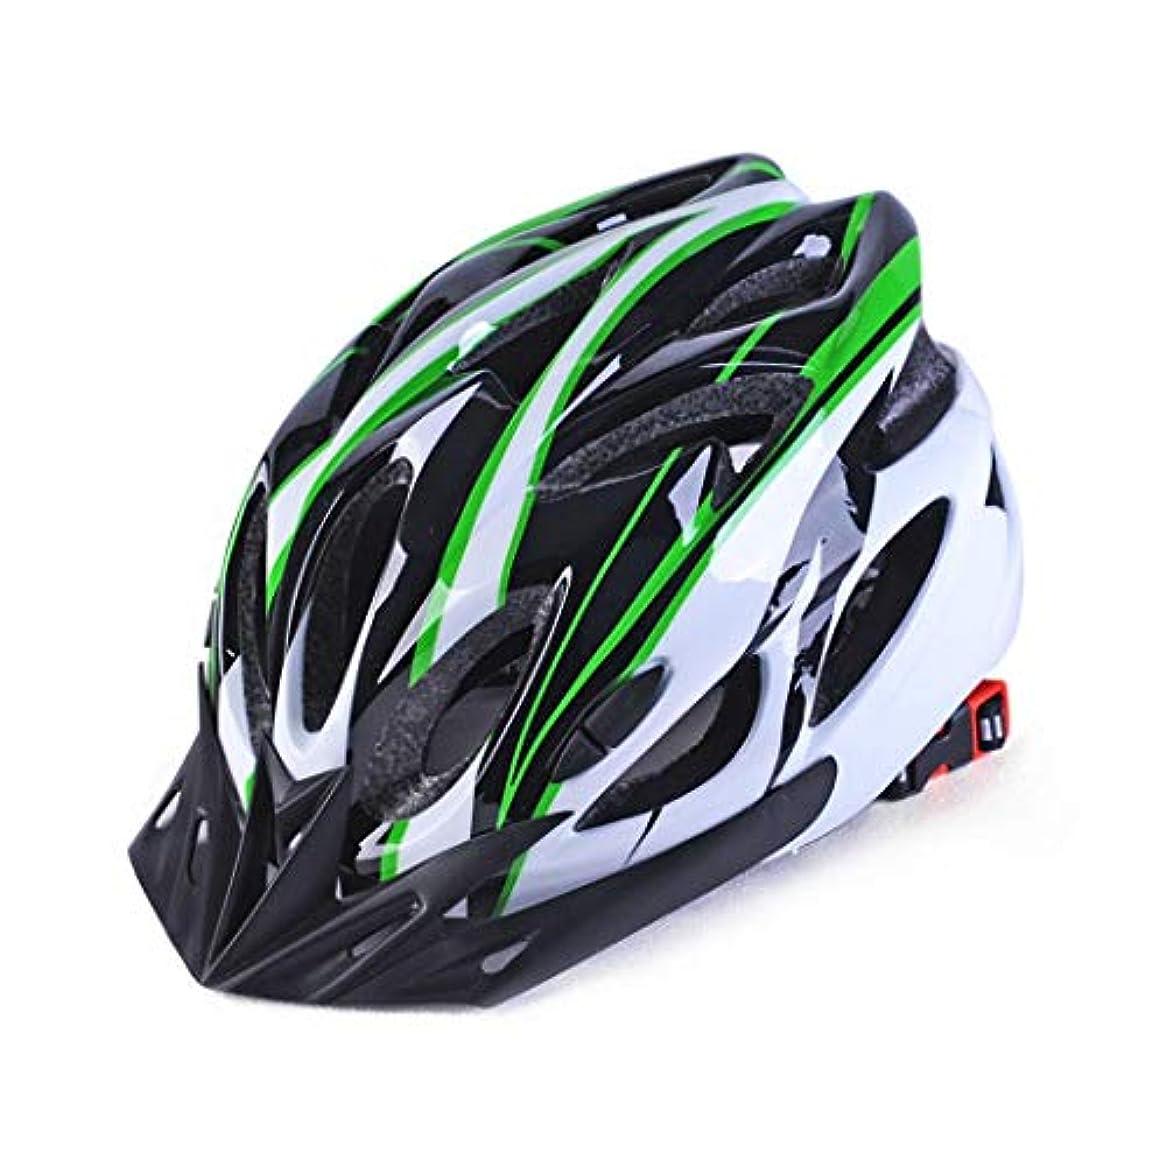 浮浪者原子宇宙船自転車ヘルメット サイクルヘルメット ロードバイク クロスバイク スポーツヘルメット 超軽量自転車ヘルメット 大人用男女兼用